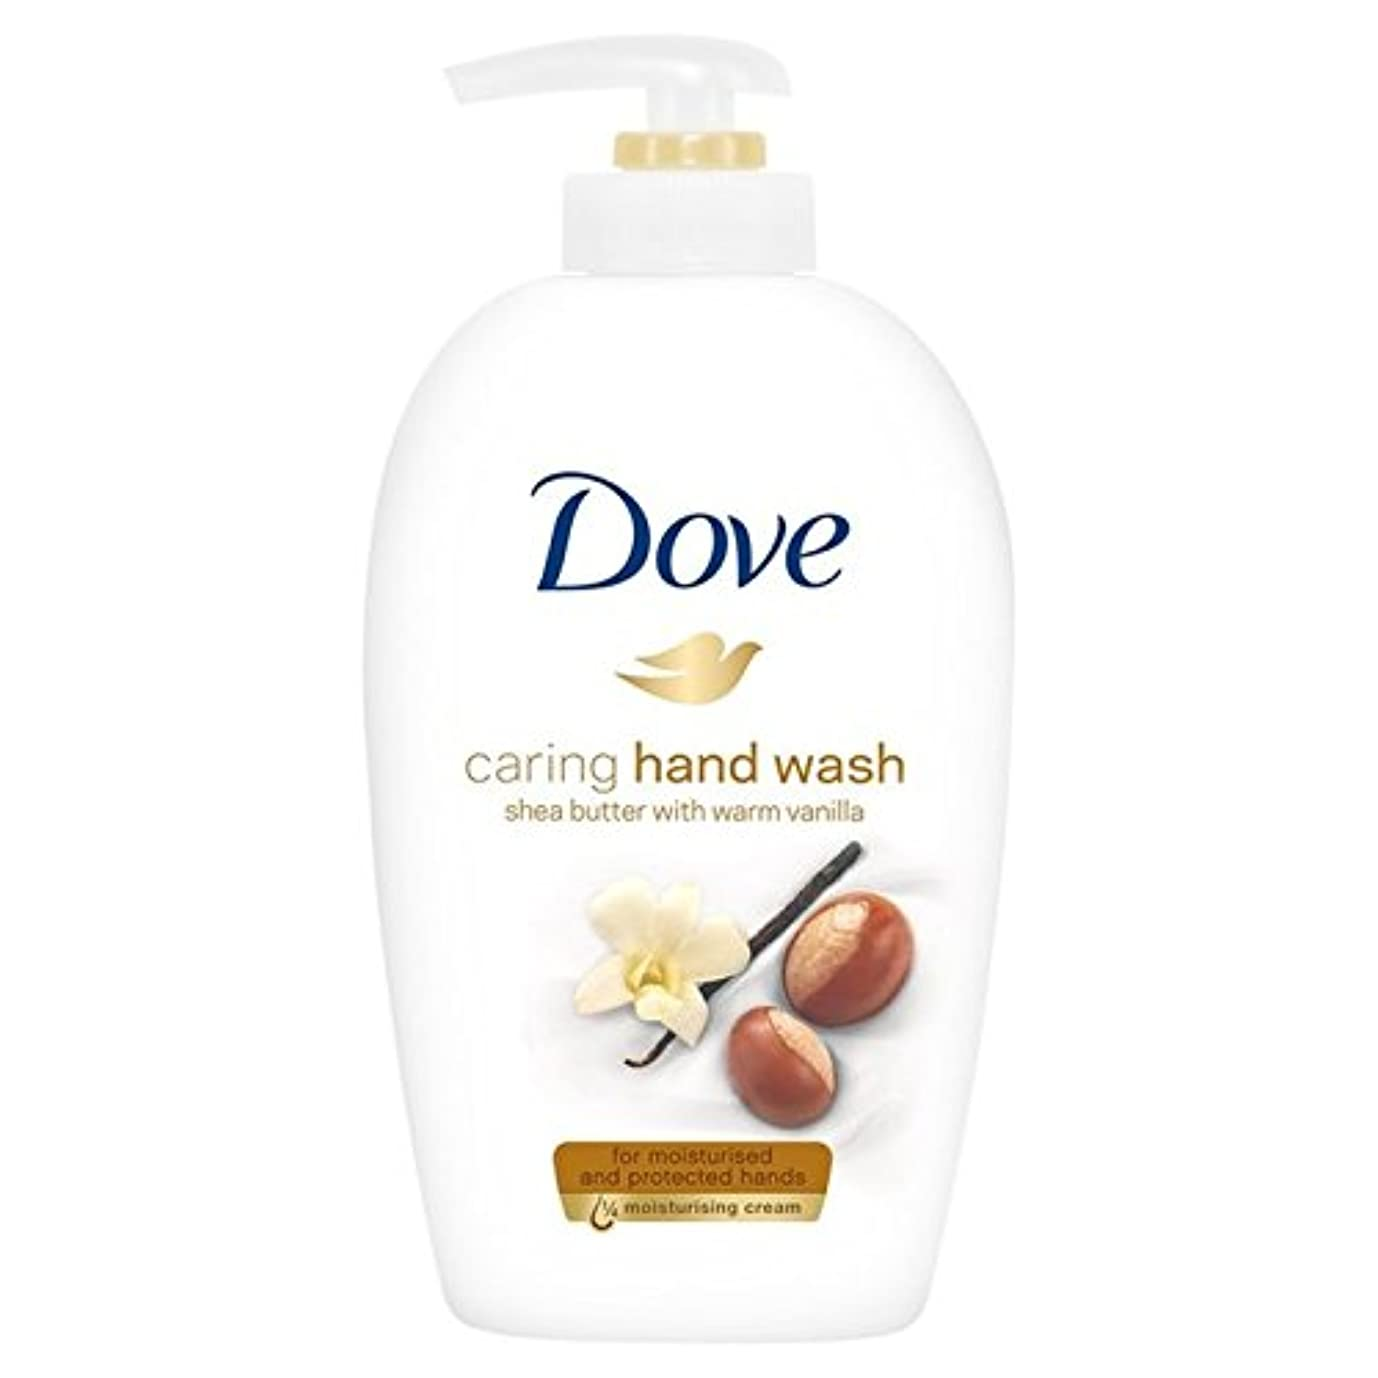 サドルシャープ荒れ地Dove Purely Pampering Shea Butter Beauty Cream Wash 250ml (Pack of 6) - 鳩純粋な贅沢シアバターの美容クリームウォッシュ250ミリリットル x6 [並行輸入品]